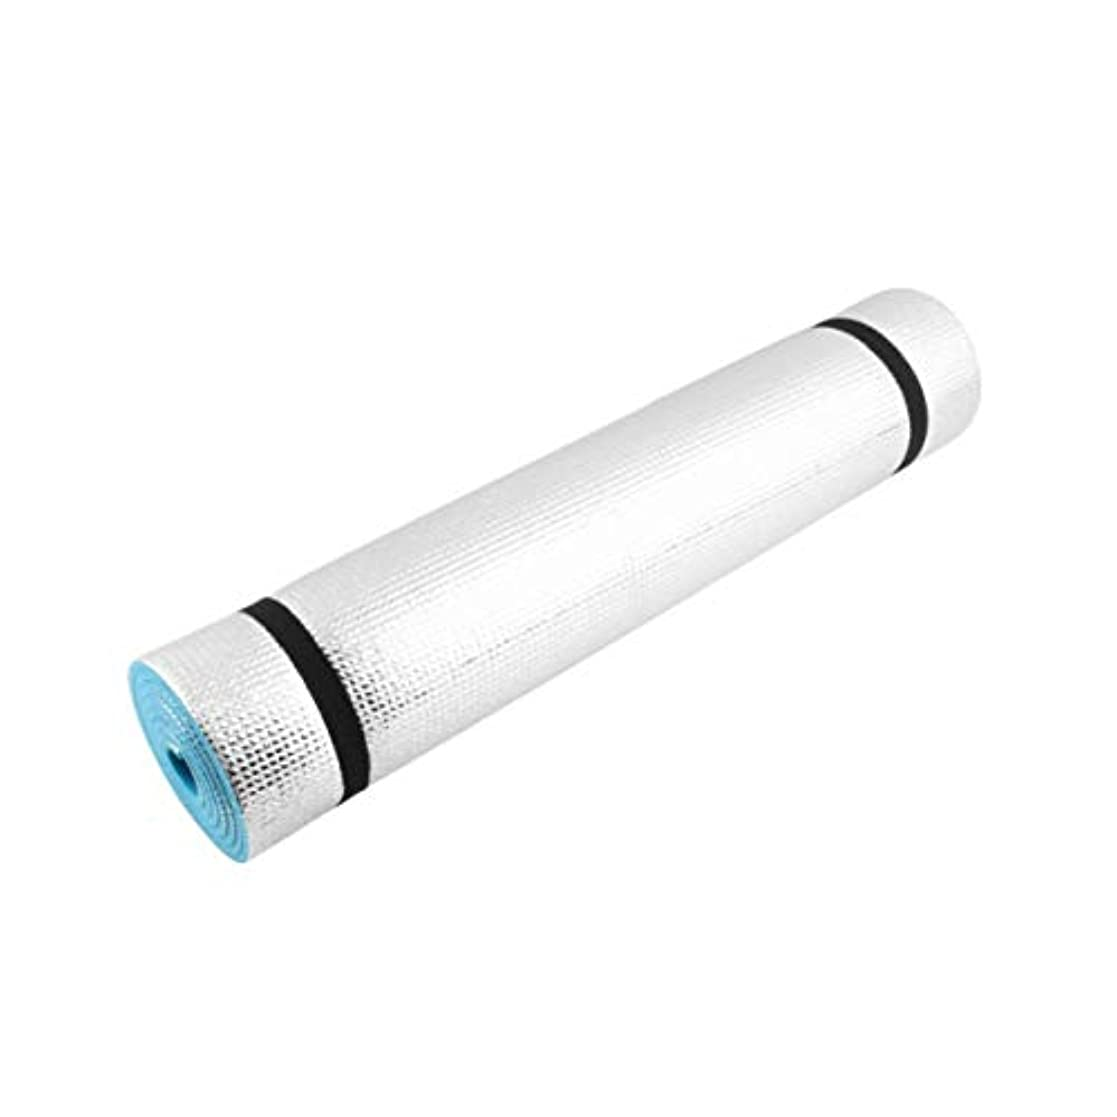 酸素光沢のある発疹軽量180×60×0.6センチメートルマット洗える運動フィットネスパッド折りたたみフロアプレイクッションユニバーサルキャンプマット -